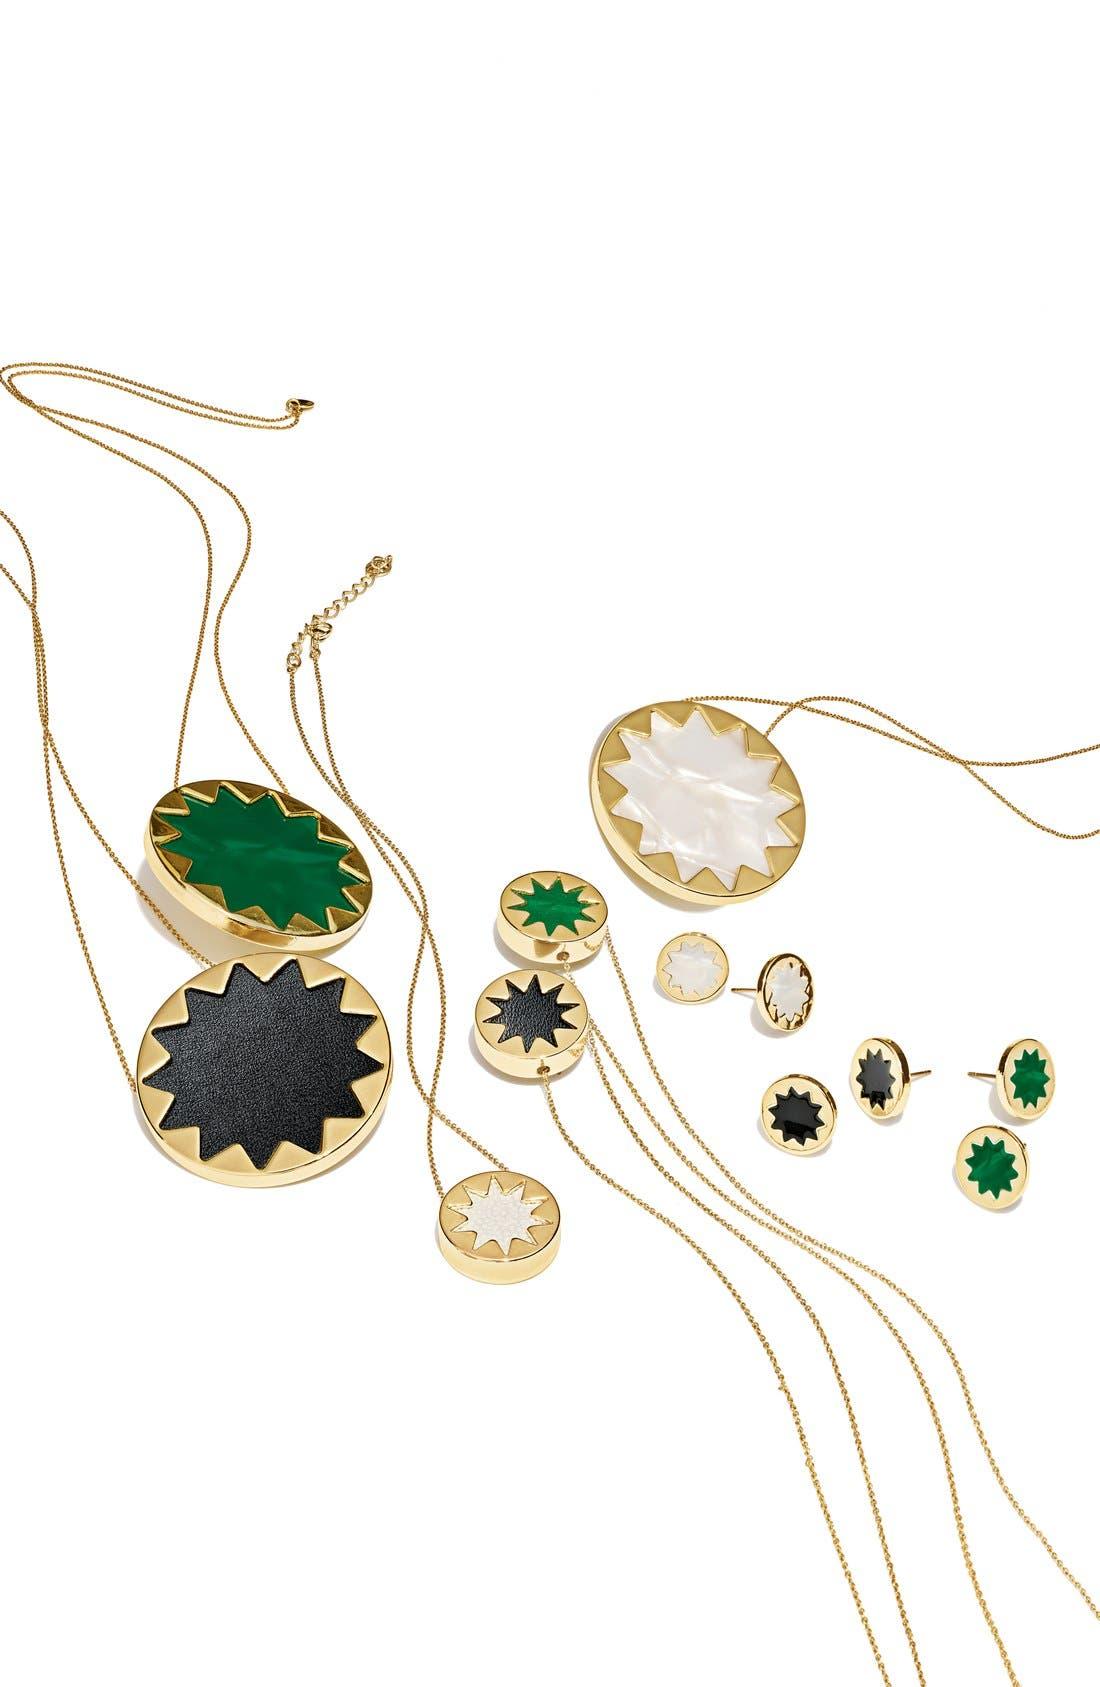 Sunburst Pendant Necklace,                             Main thumbnail 1, color,                             900